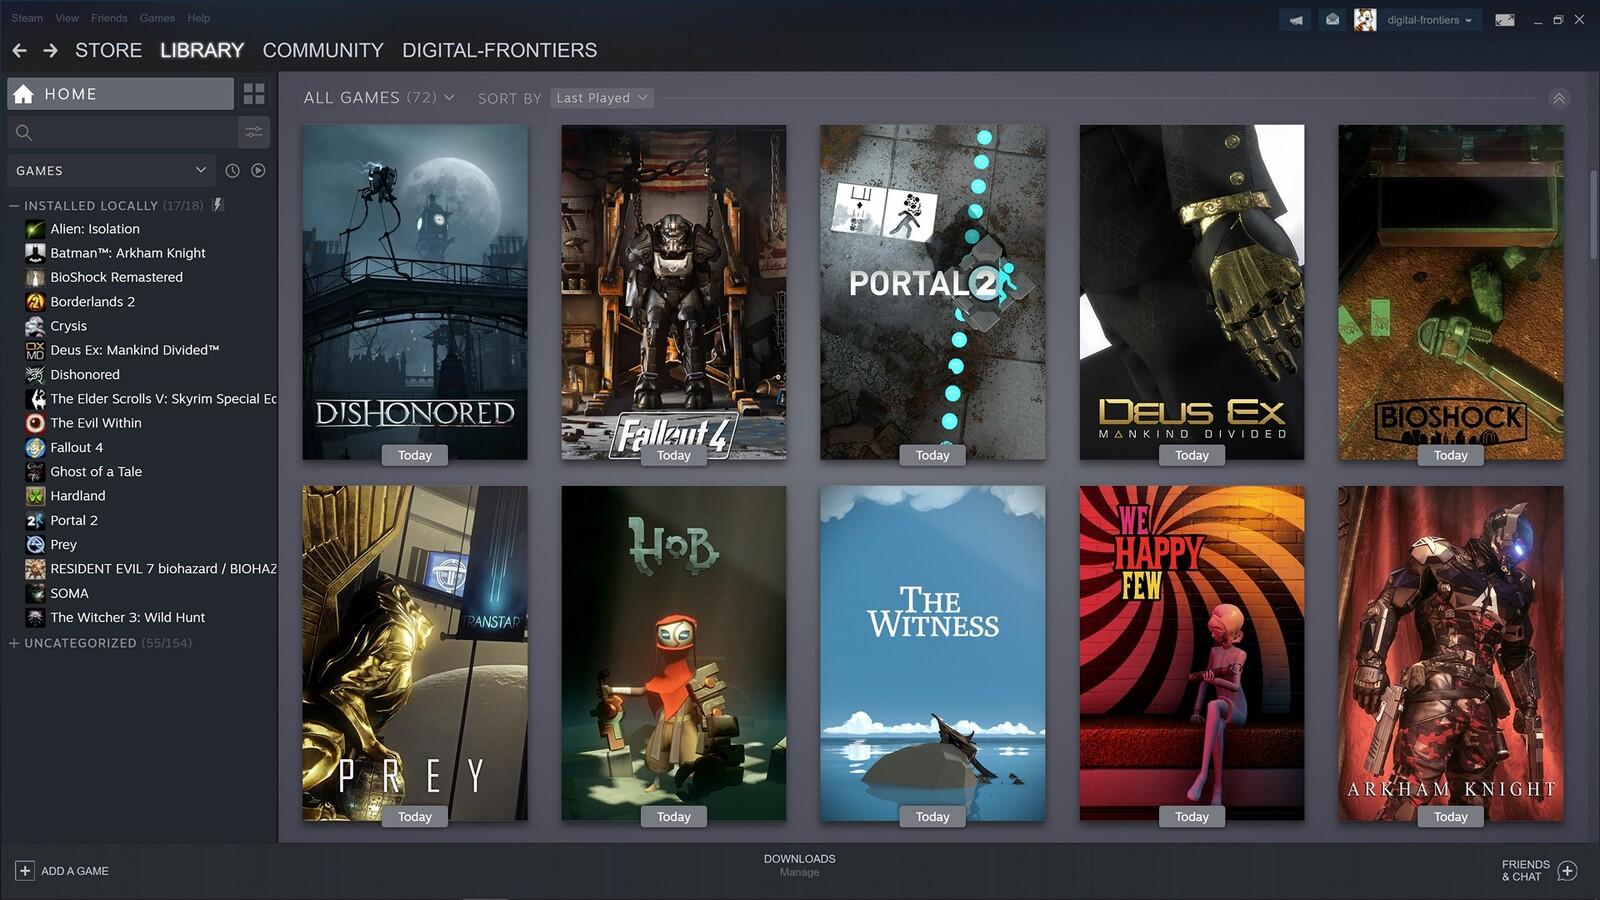 Custom Steam Game Covers